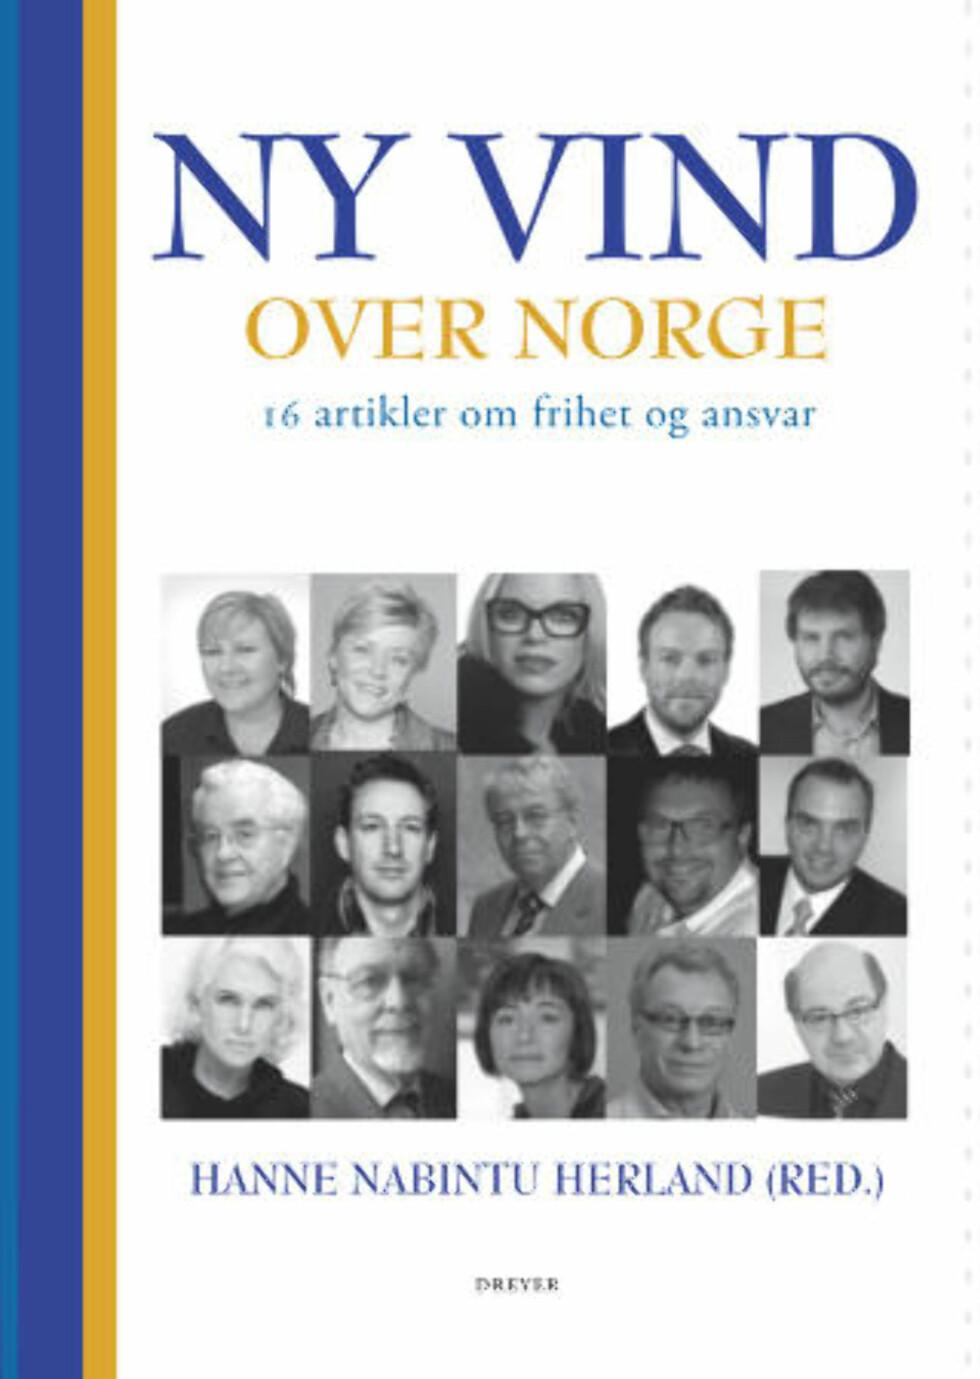 Er Hanne Nabintu Herland på hemmelig oppdrag for «venstresiden»?